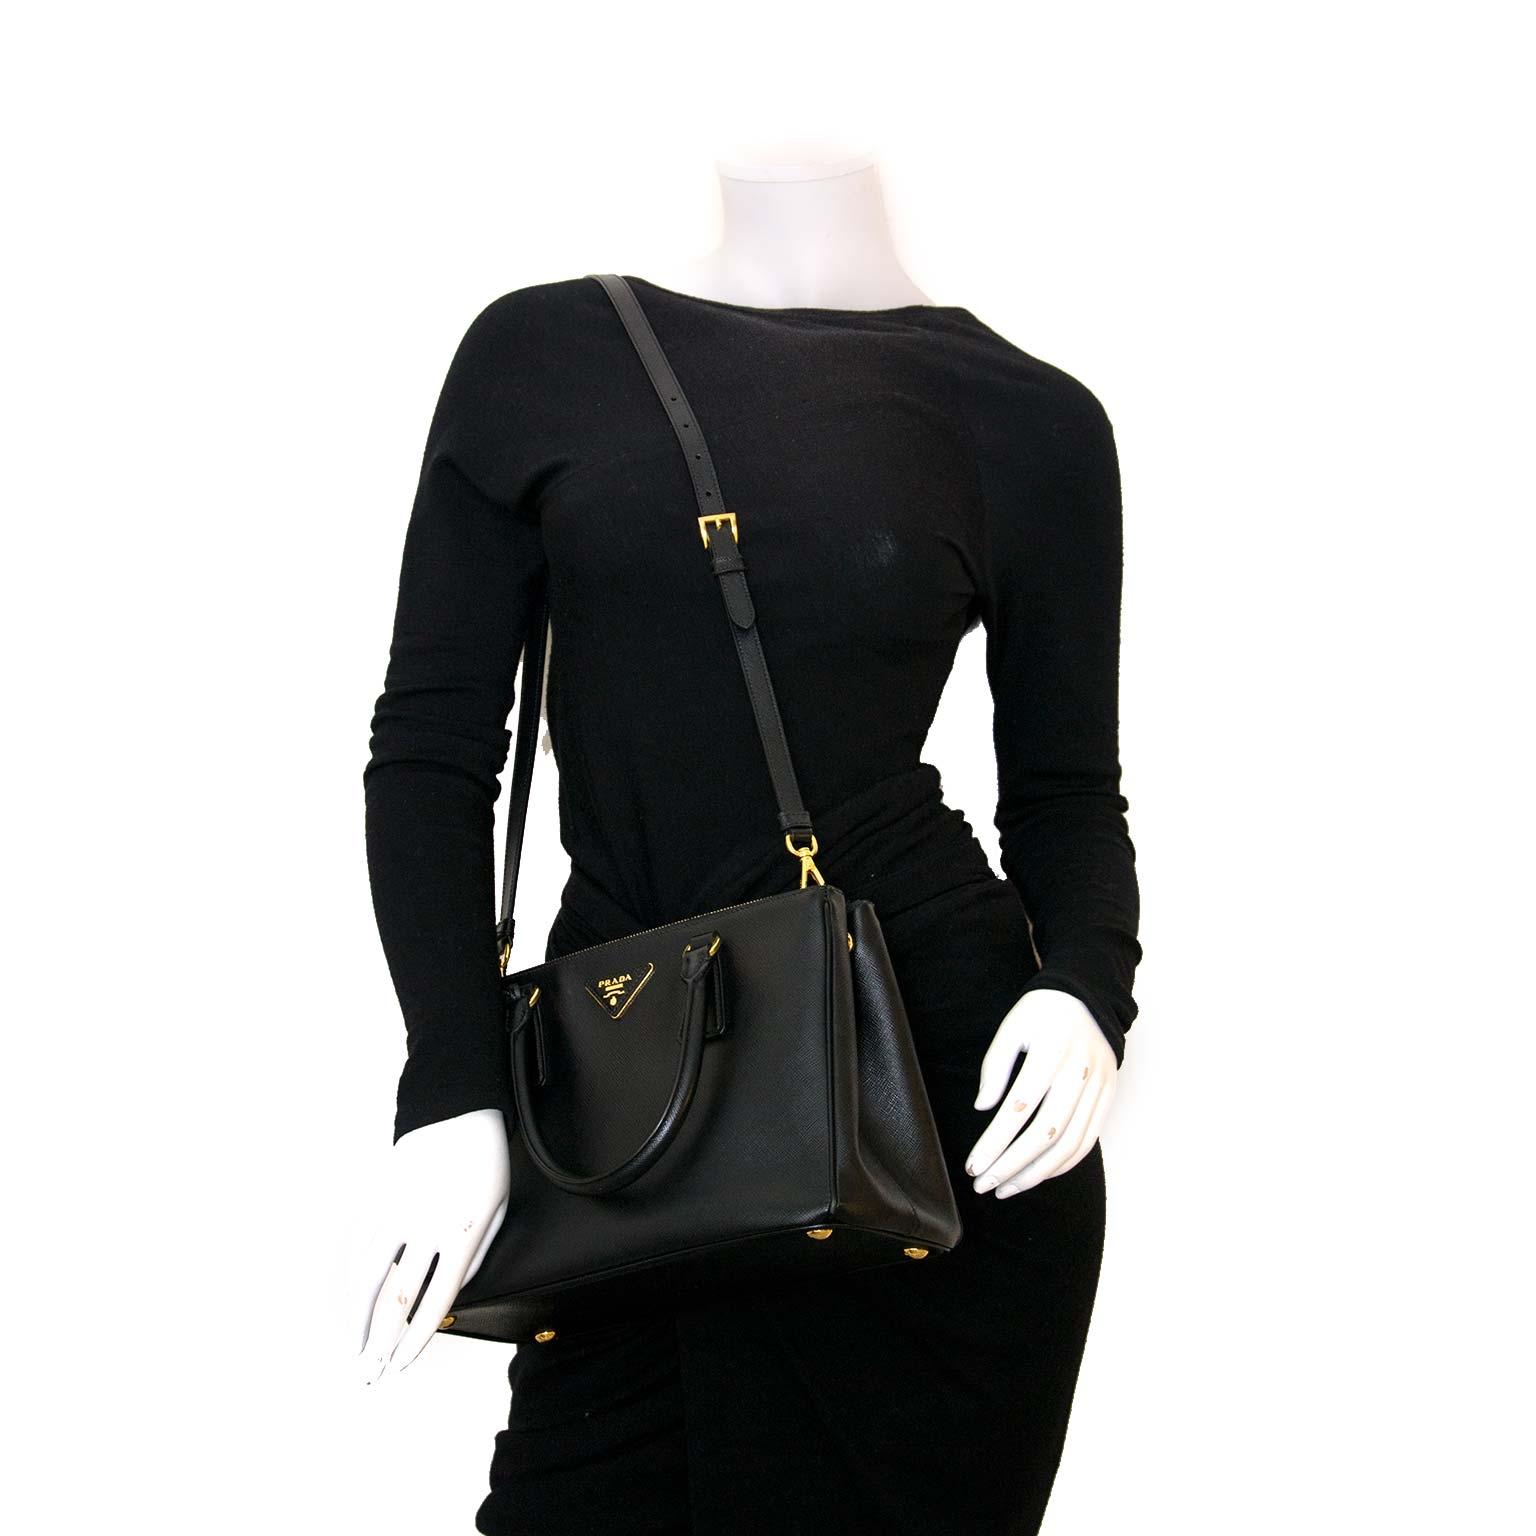 Prada Galleria tas nu online bij Labellov vintage webshop